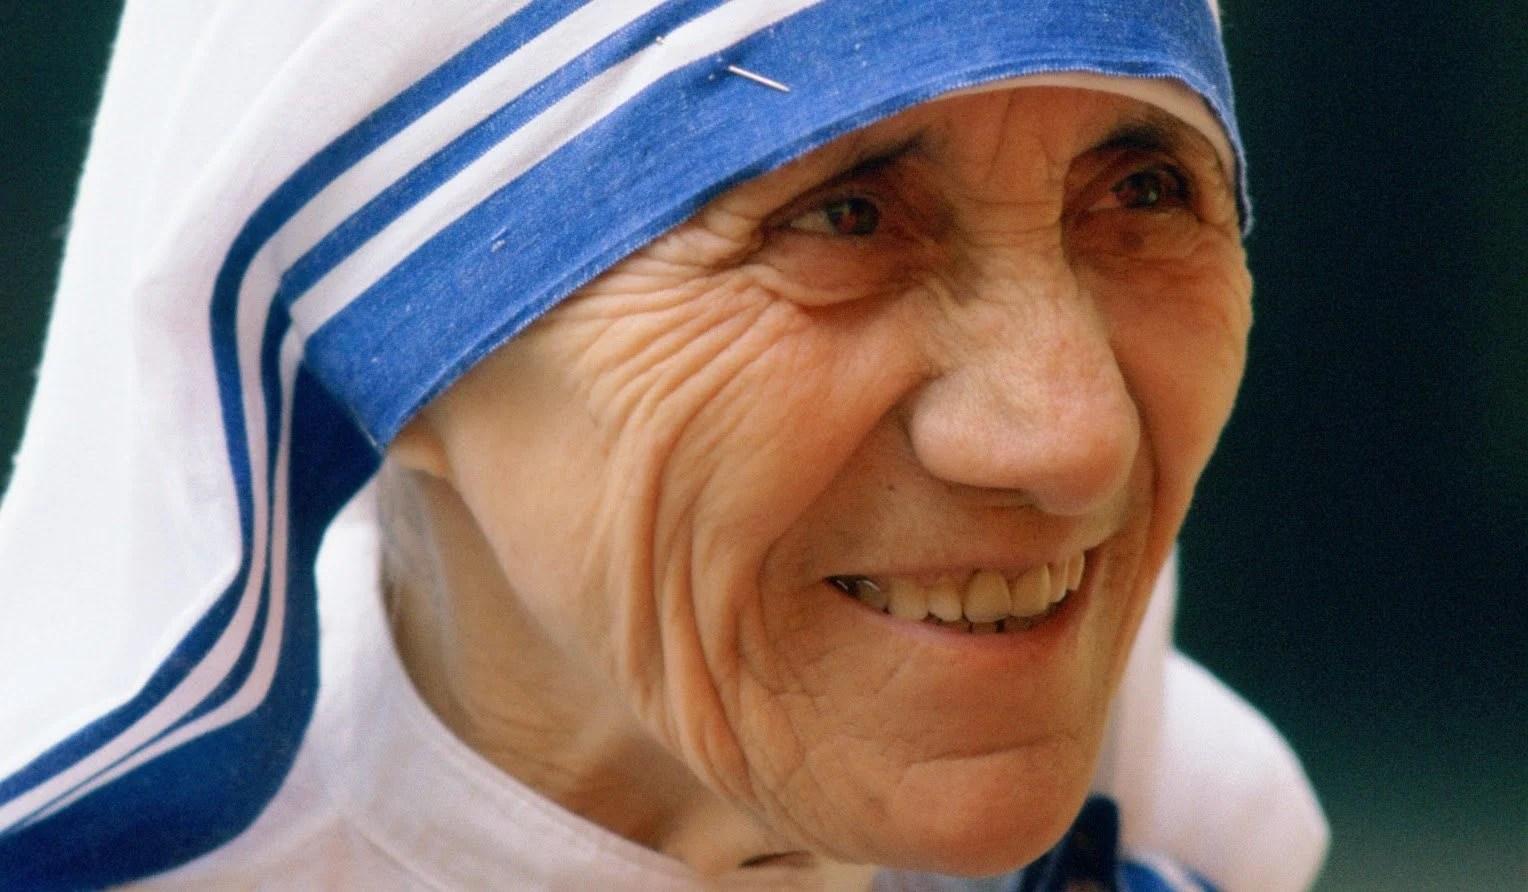 https://i2.wp.com/cdn-media-1.lifehack.org/wp-content/files/2015/10/13214209/Mother-Teresa-2.jpg